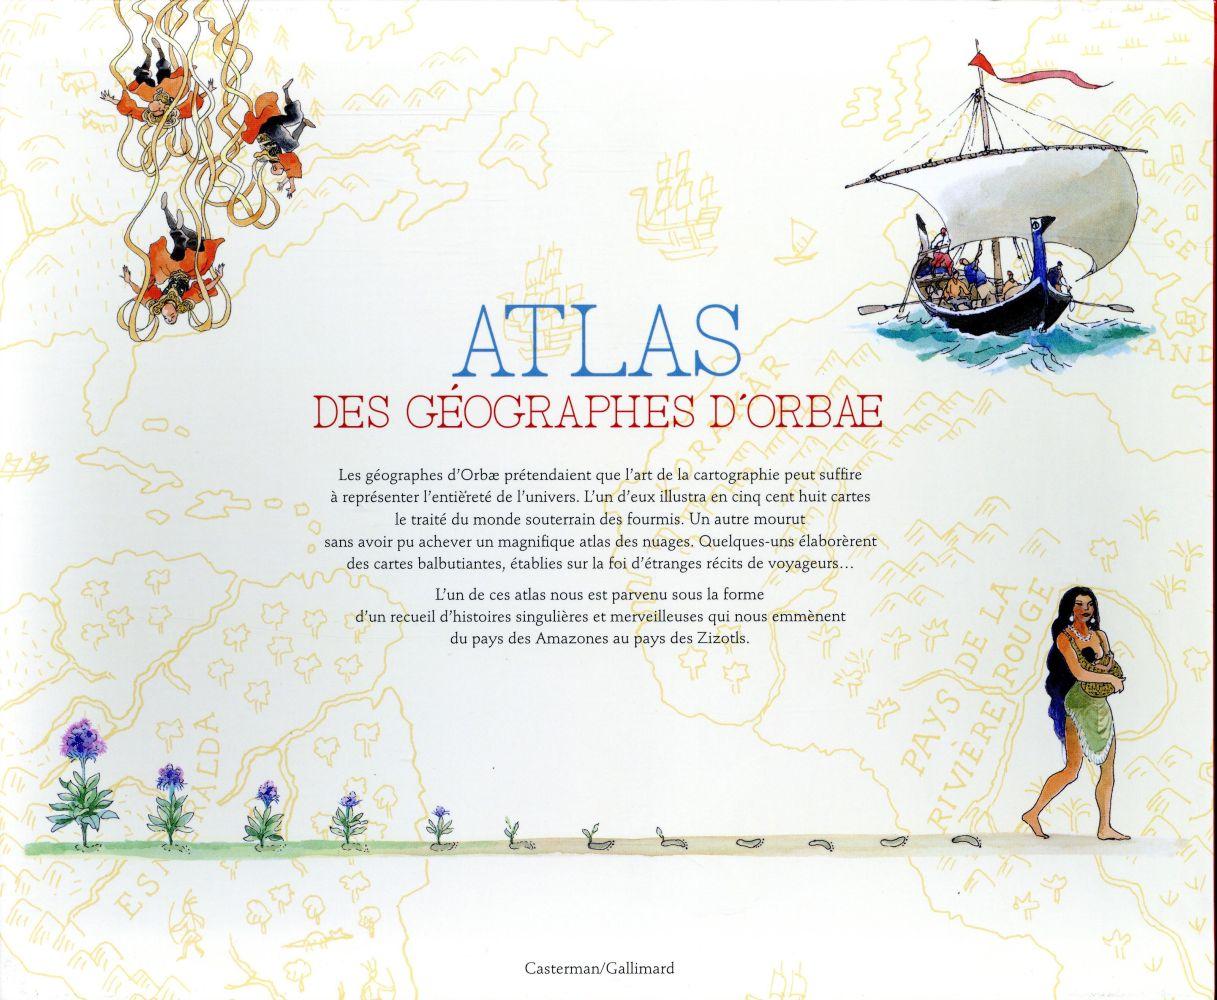 Atlas des géographes d'Orbae t.1